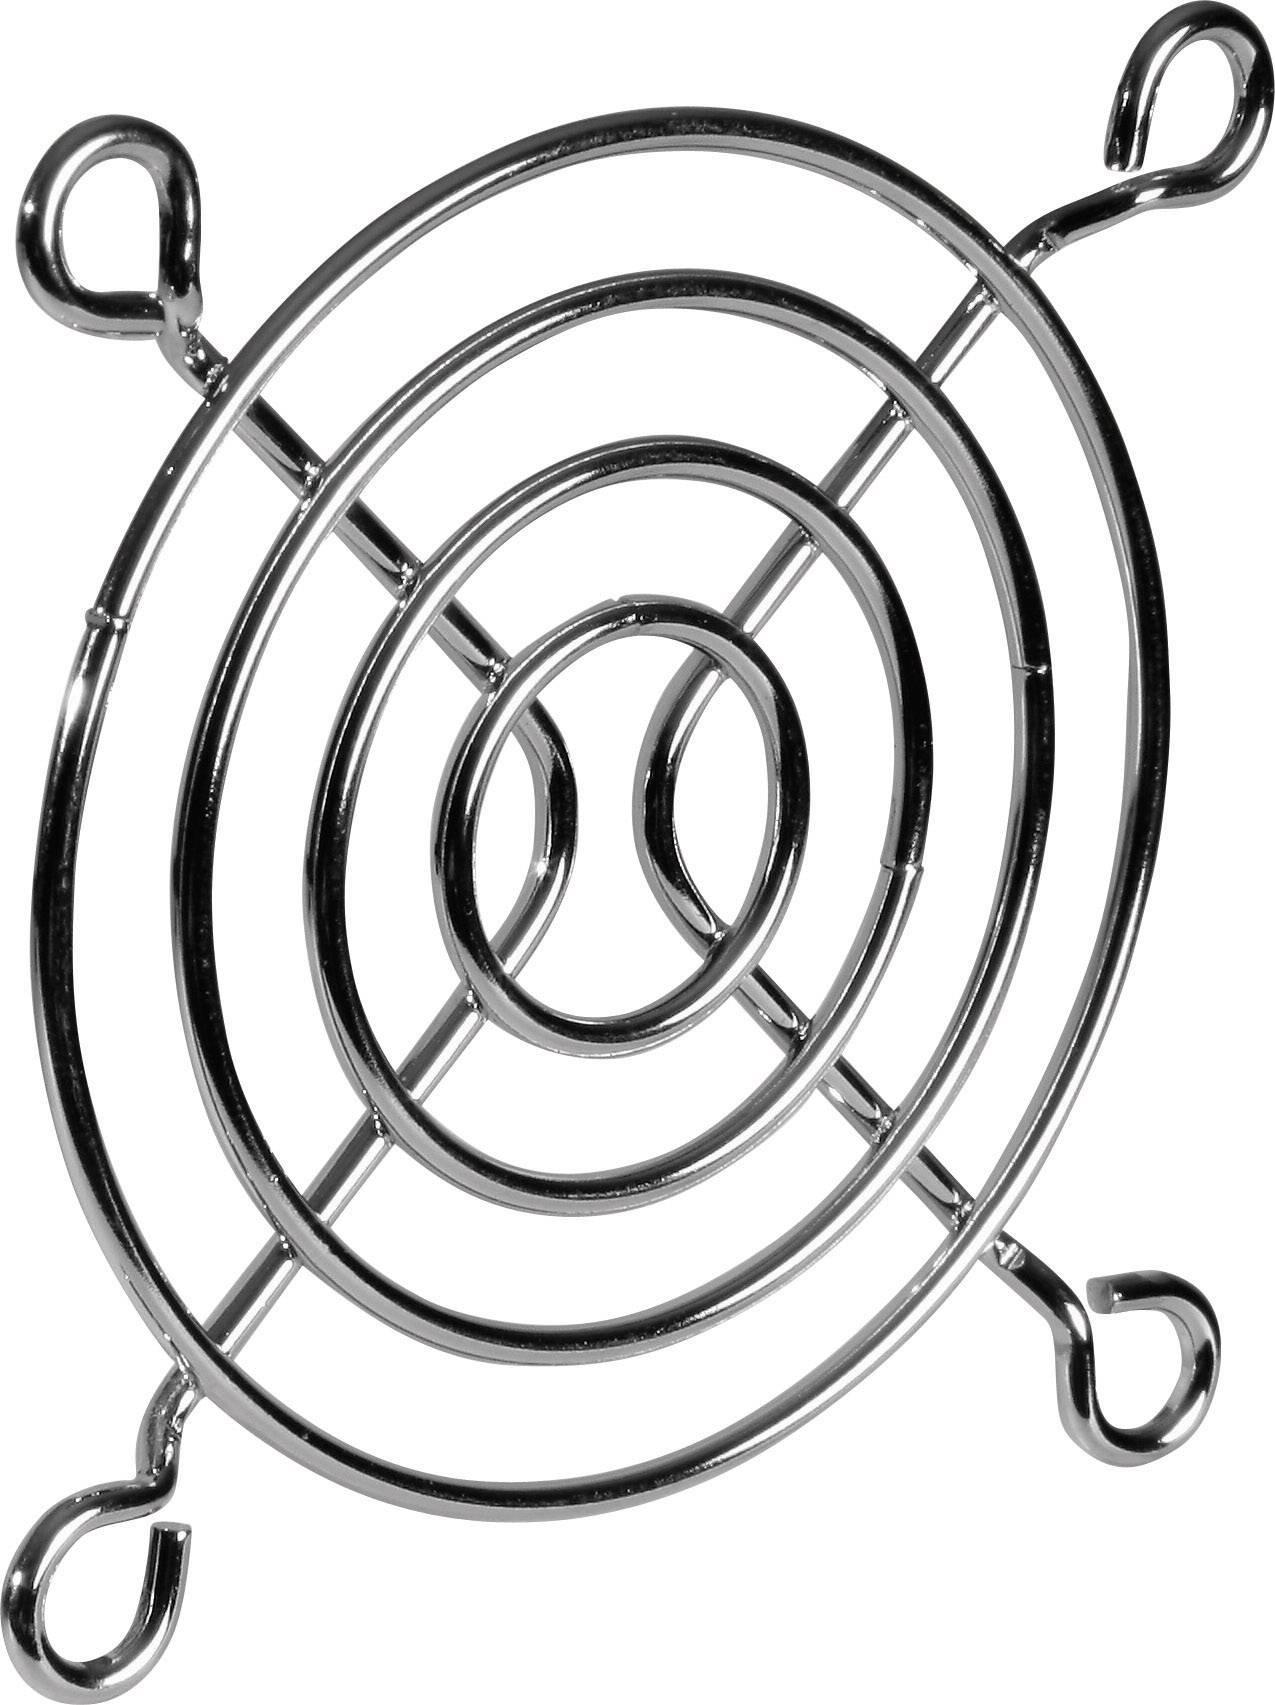 Vetracia mriežka SEPA;913010000, (š x v) 30 mm x 30 mm, 1 ks, oceľ, pochrómovaný